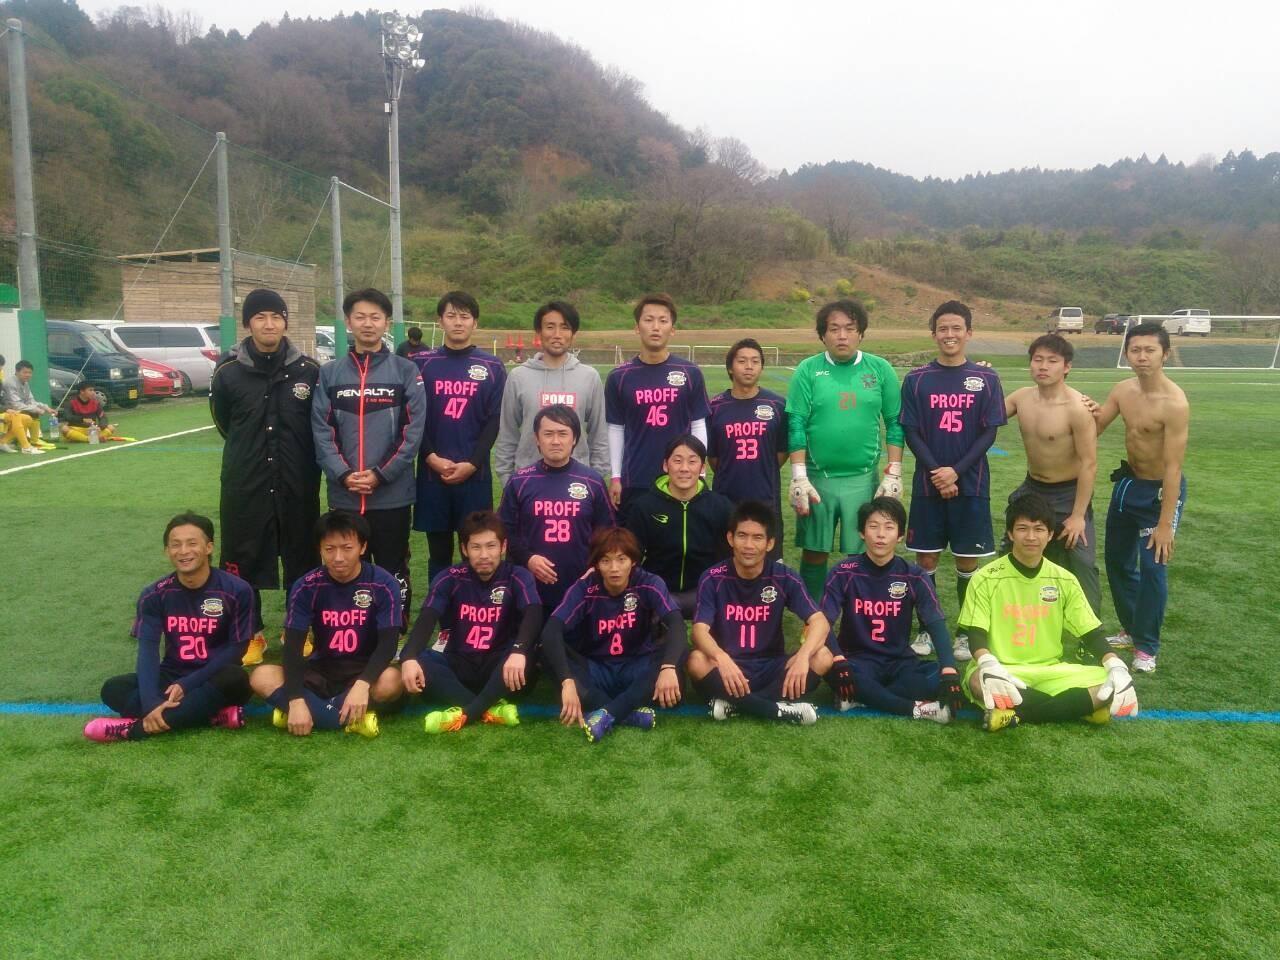 2015/3/29 いずみスポーツヴィレッジ vs FC岸和田 vs F.C.Lazo vs ルート11